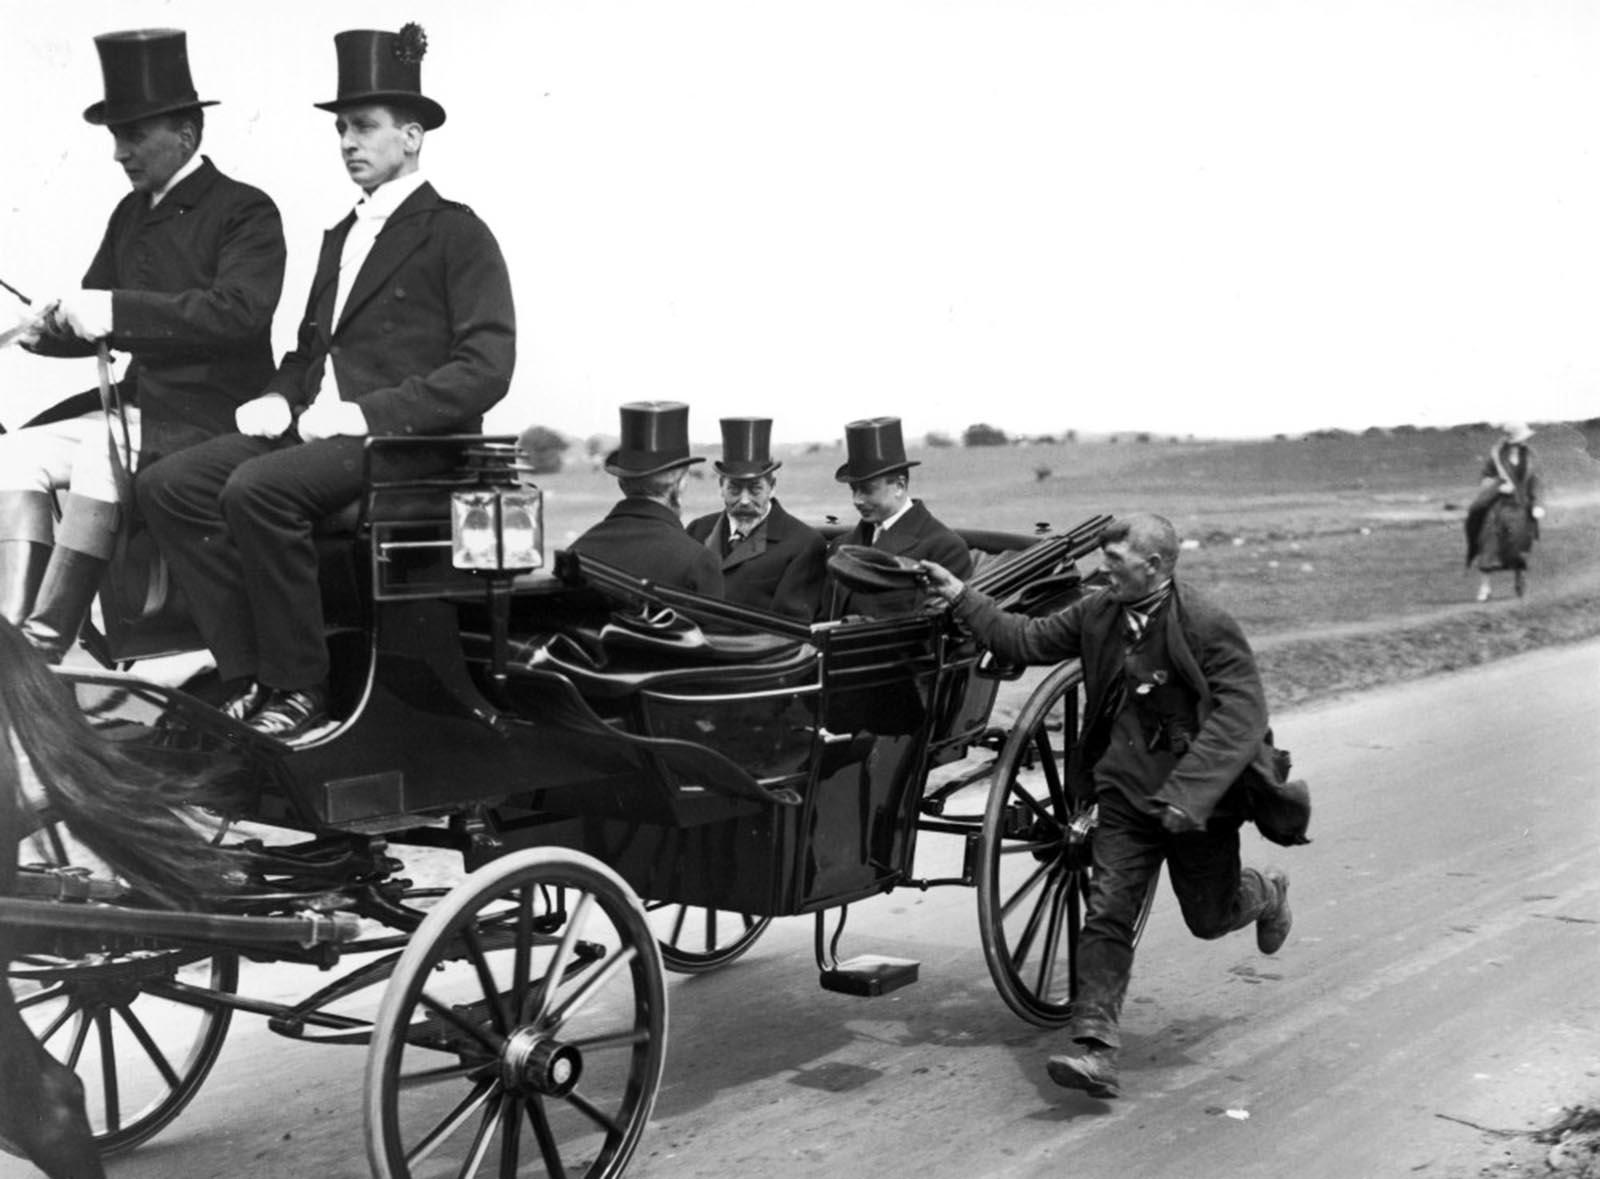 Fotografía del rey Jorge V., tomada a principios de la década de 1920, muestra a un mendigo solicitando dinero de la fiesta real mientras corre junto a su carruaje. Los ocupantes lucen avergonzados.